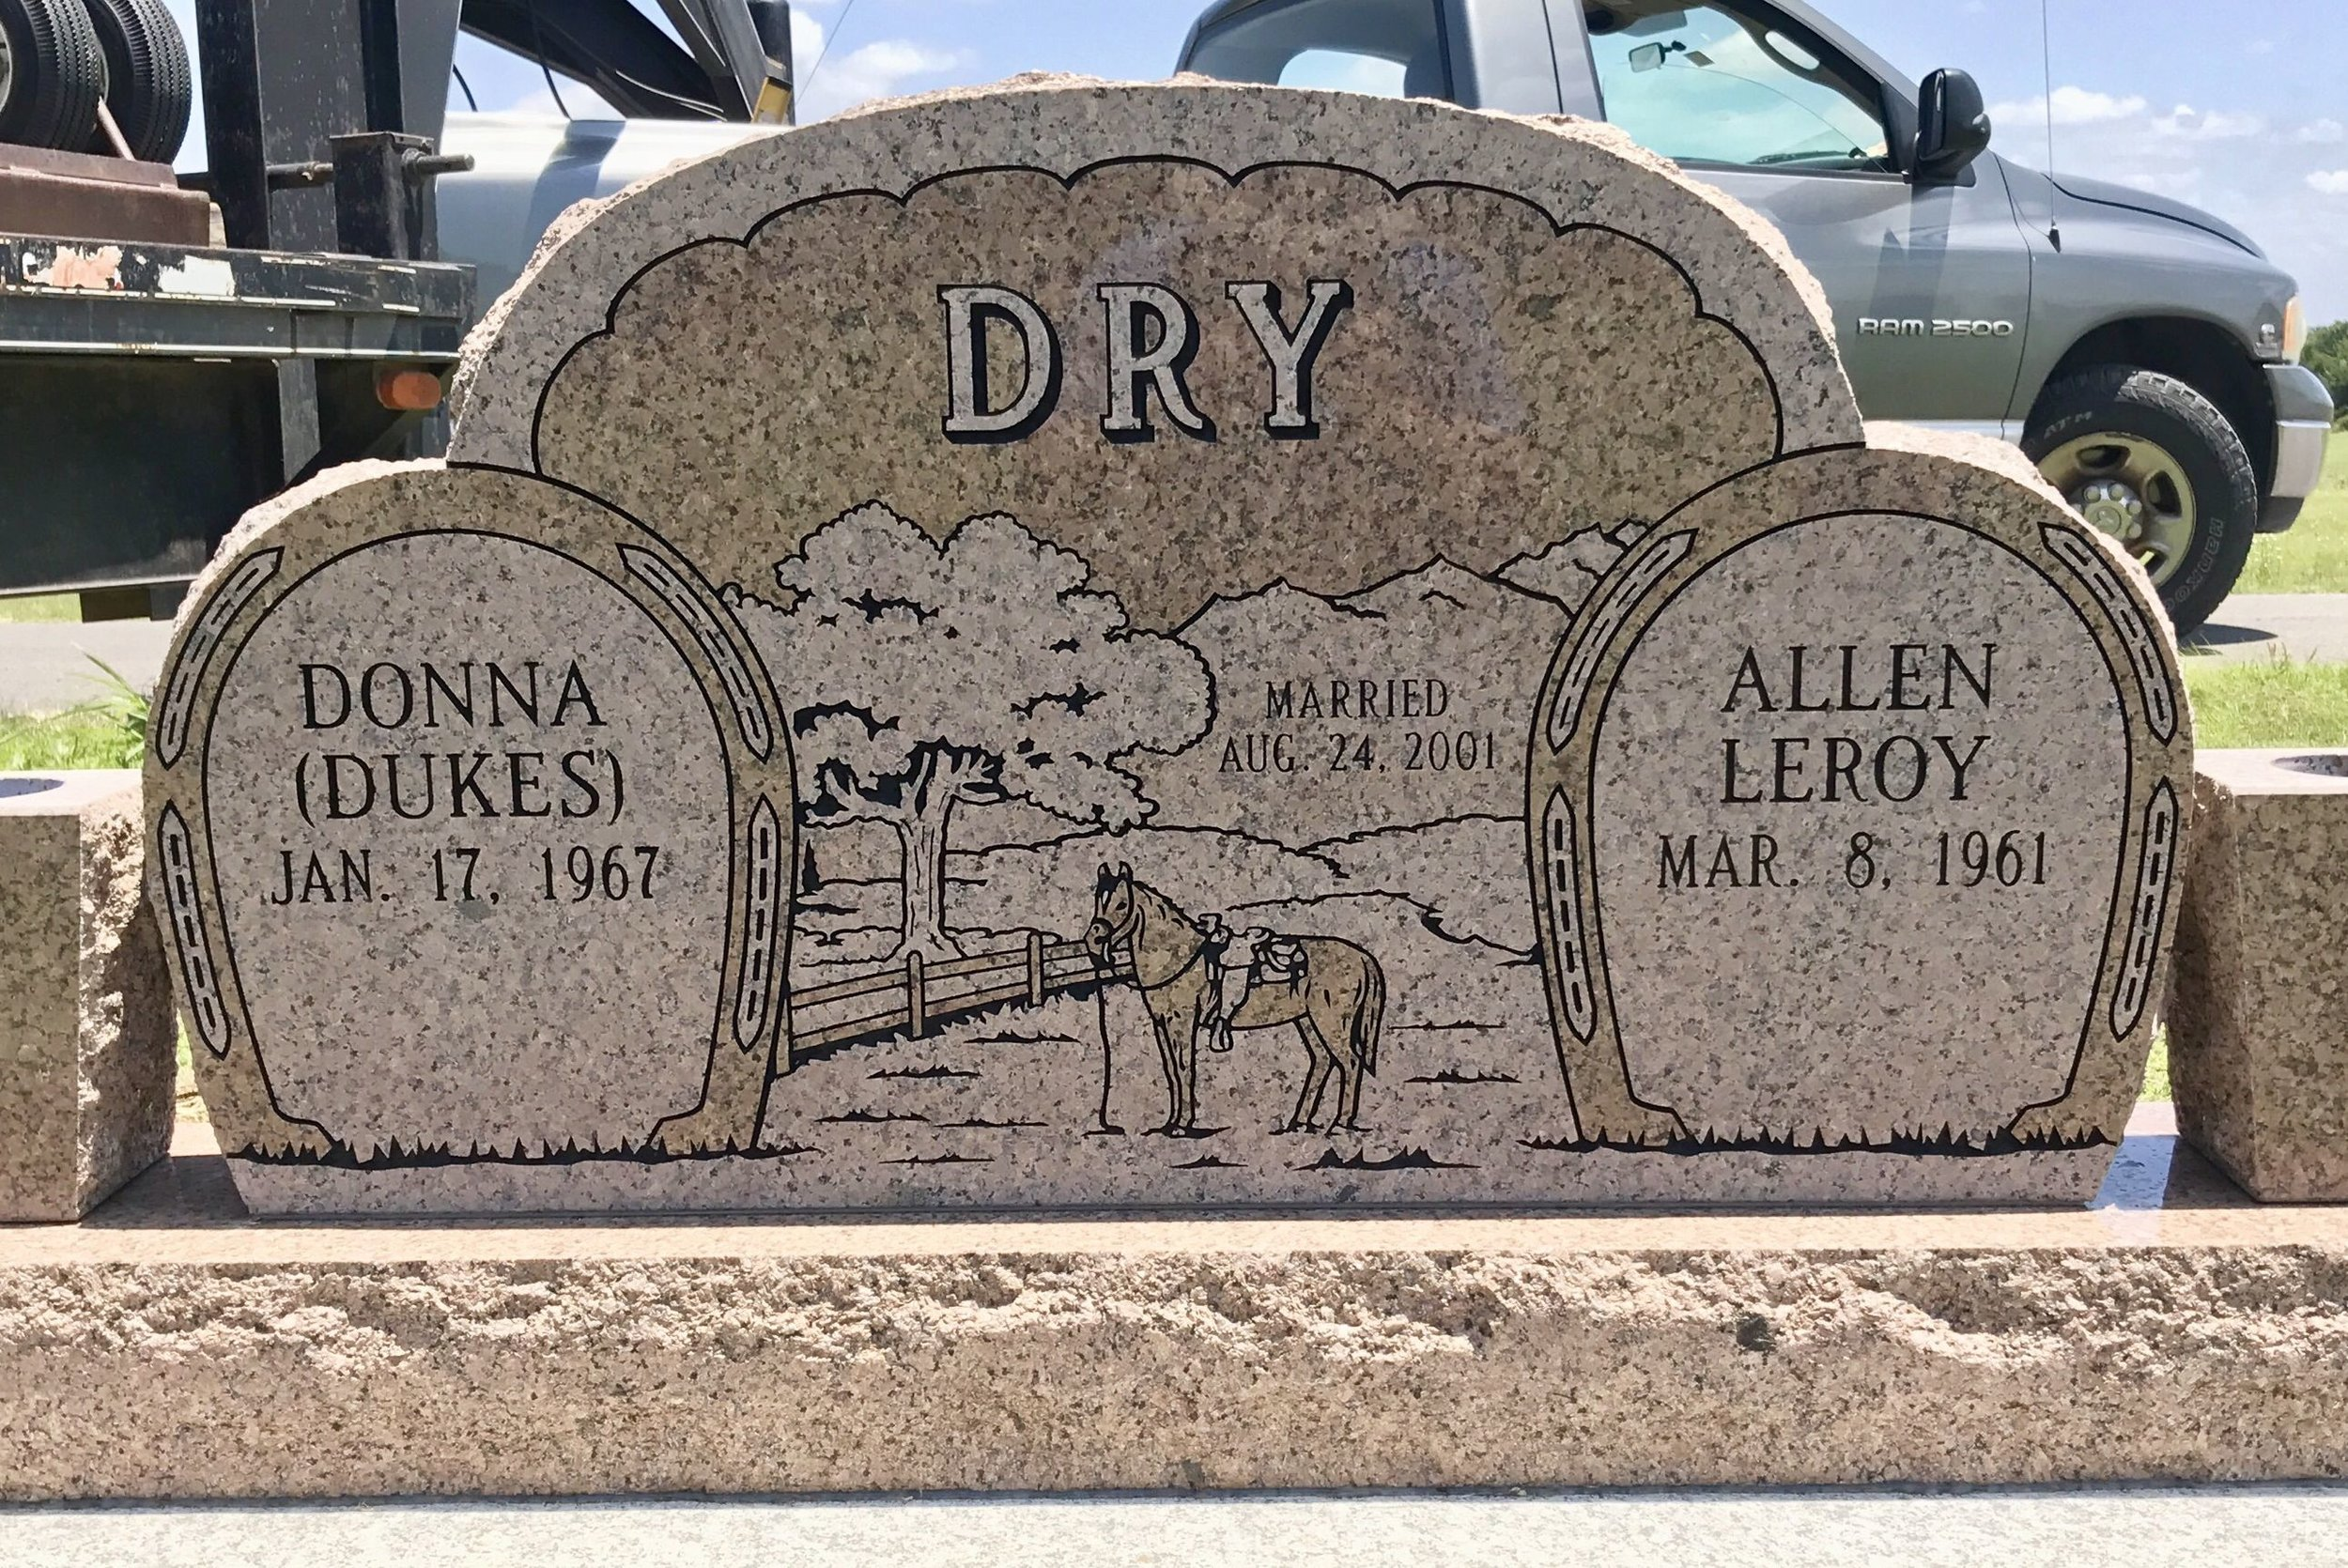 Dry - Rossville.jpg